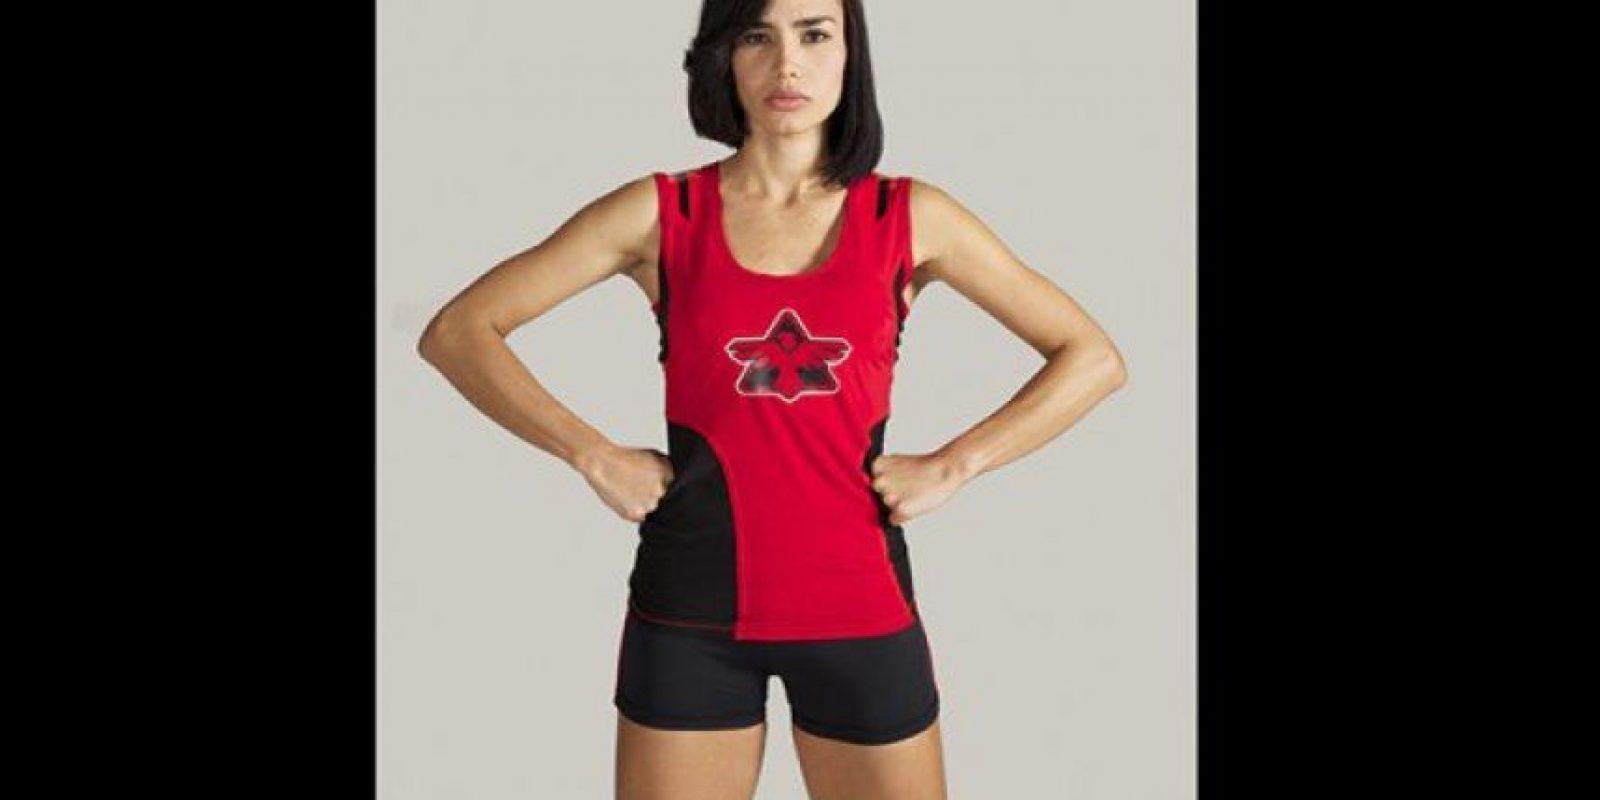 Karoline Rodríguez. Desde hace diez años entrena en un gimnasio, seis días a la semana, tres horas diarias. Foto:Cortesía Prensa Caracol Televisión